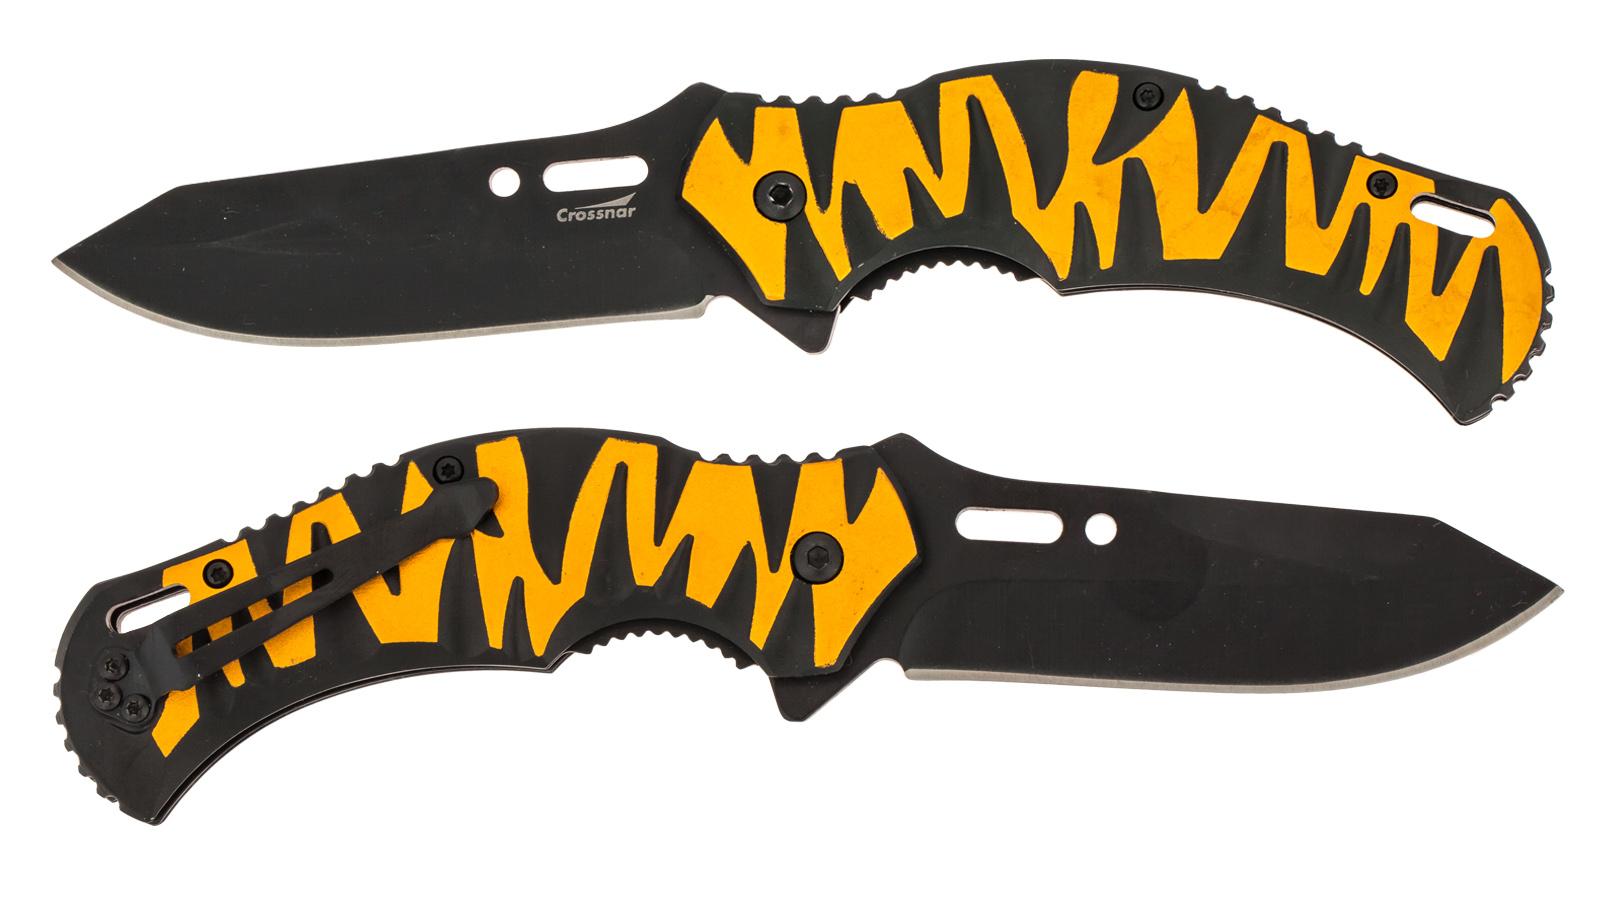 Складной нож Crossnar Racha 11035 - купить с доставкой